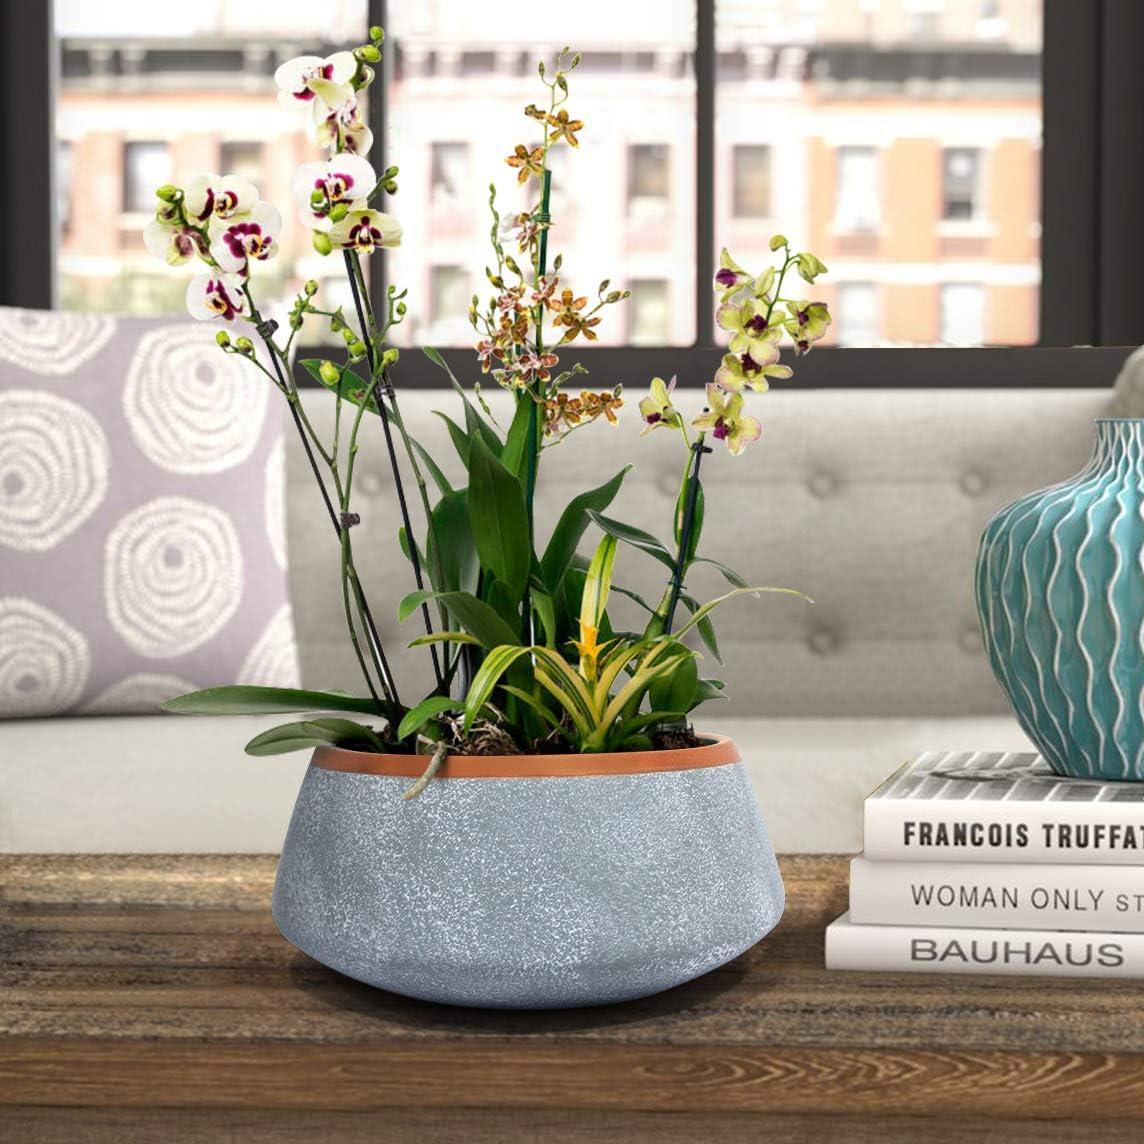 Amazon.com: Maceta suculenta grande – Maceta de orquídea de ...